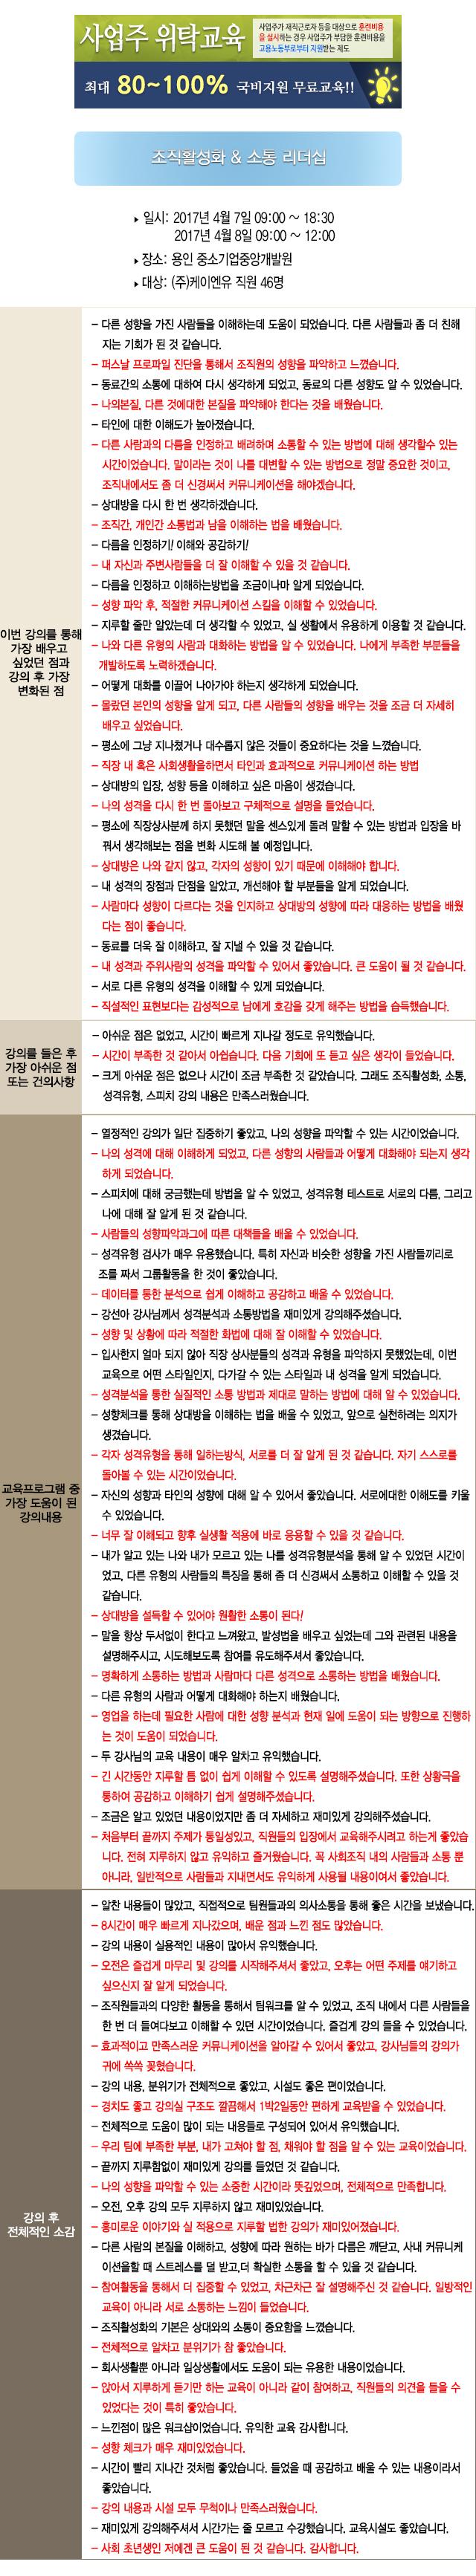 한국중앙인재개발원 후기 케이엔유.jpg